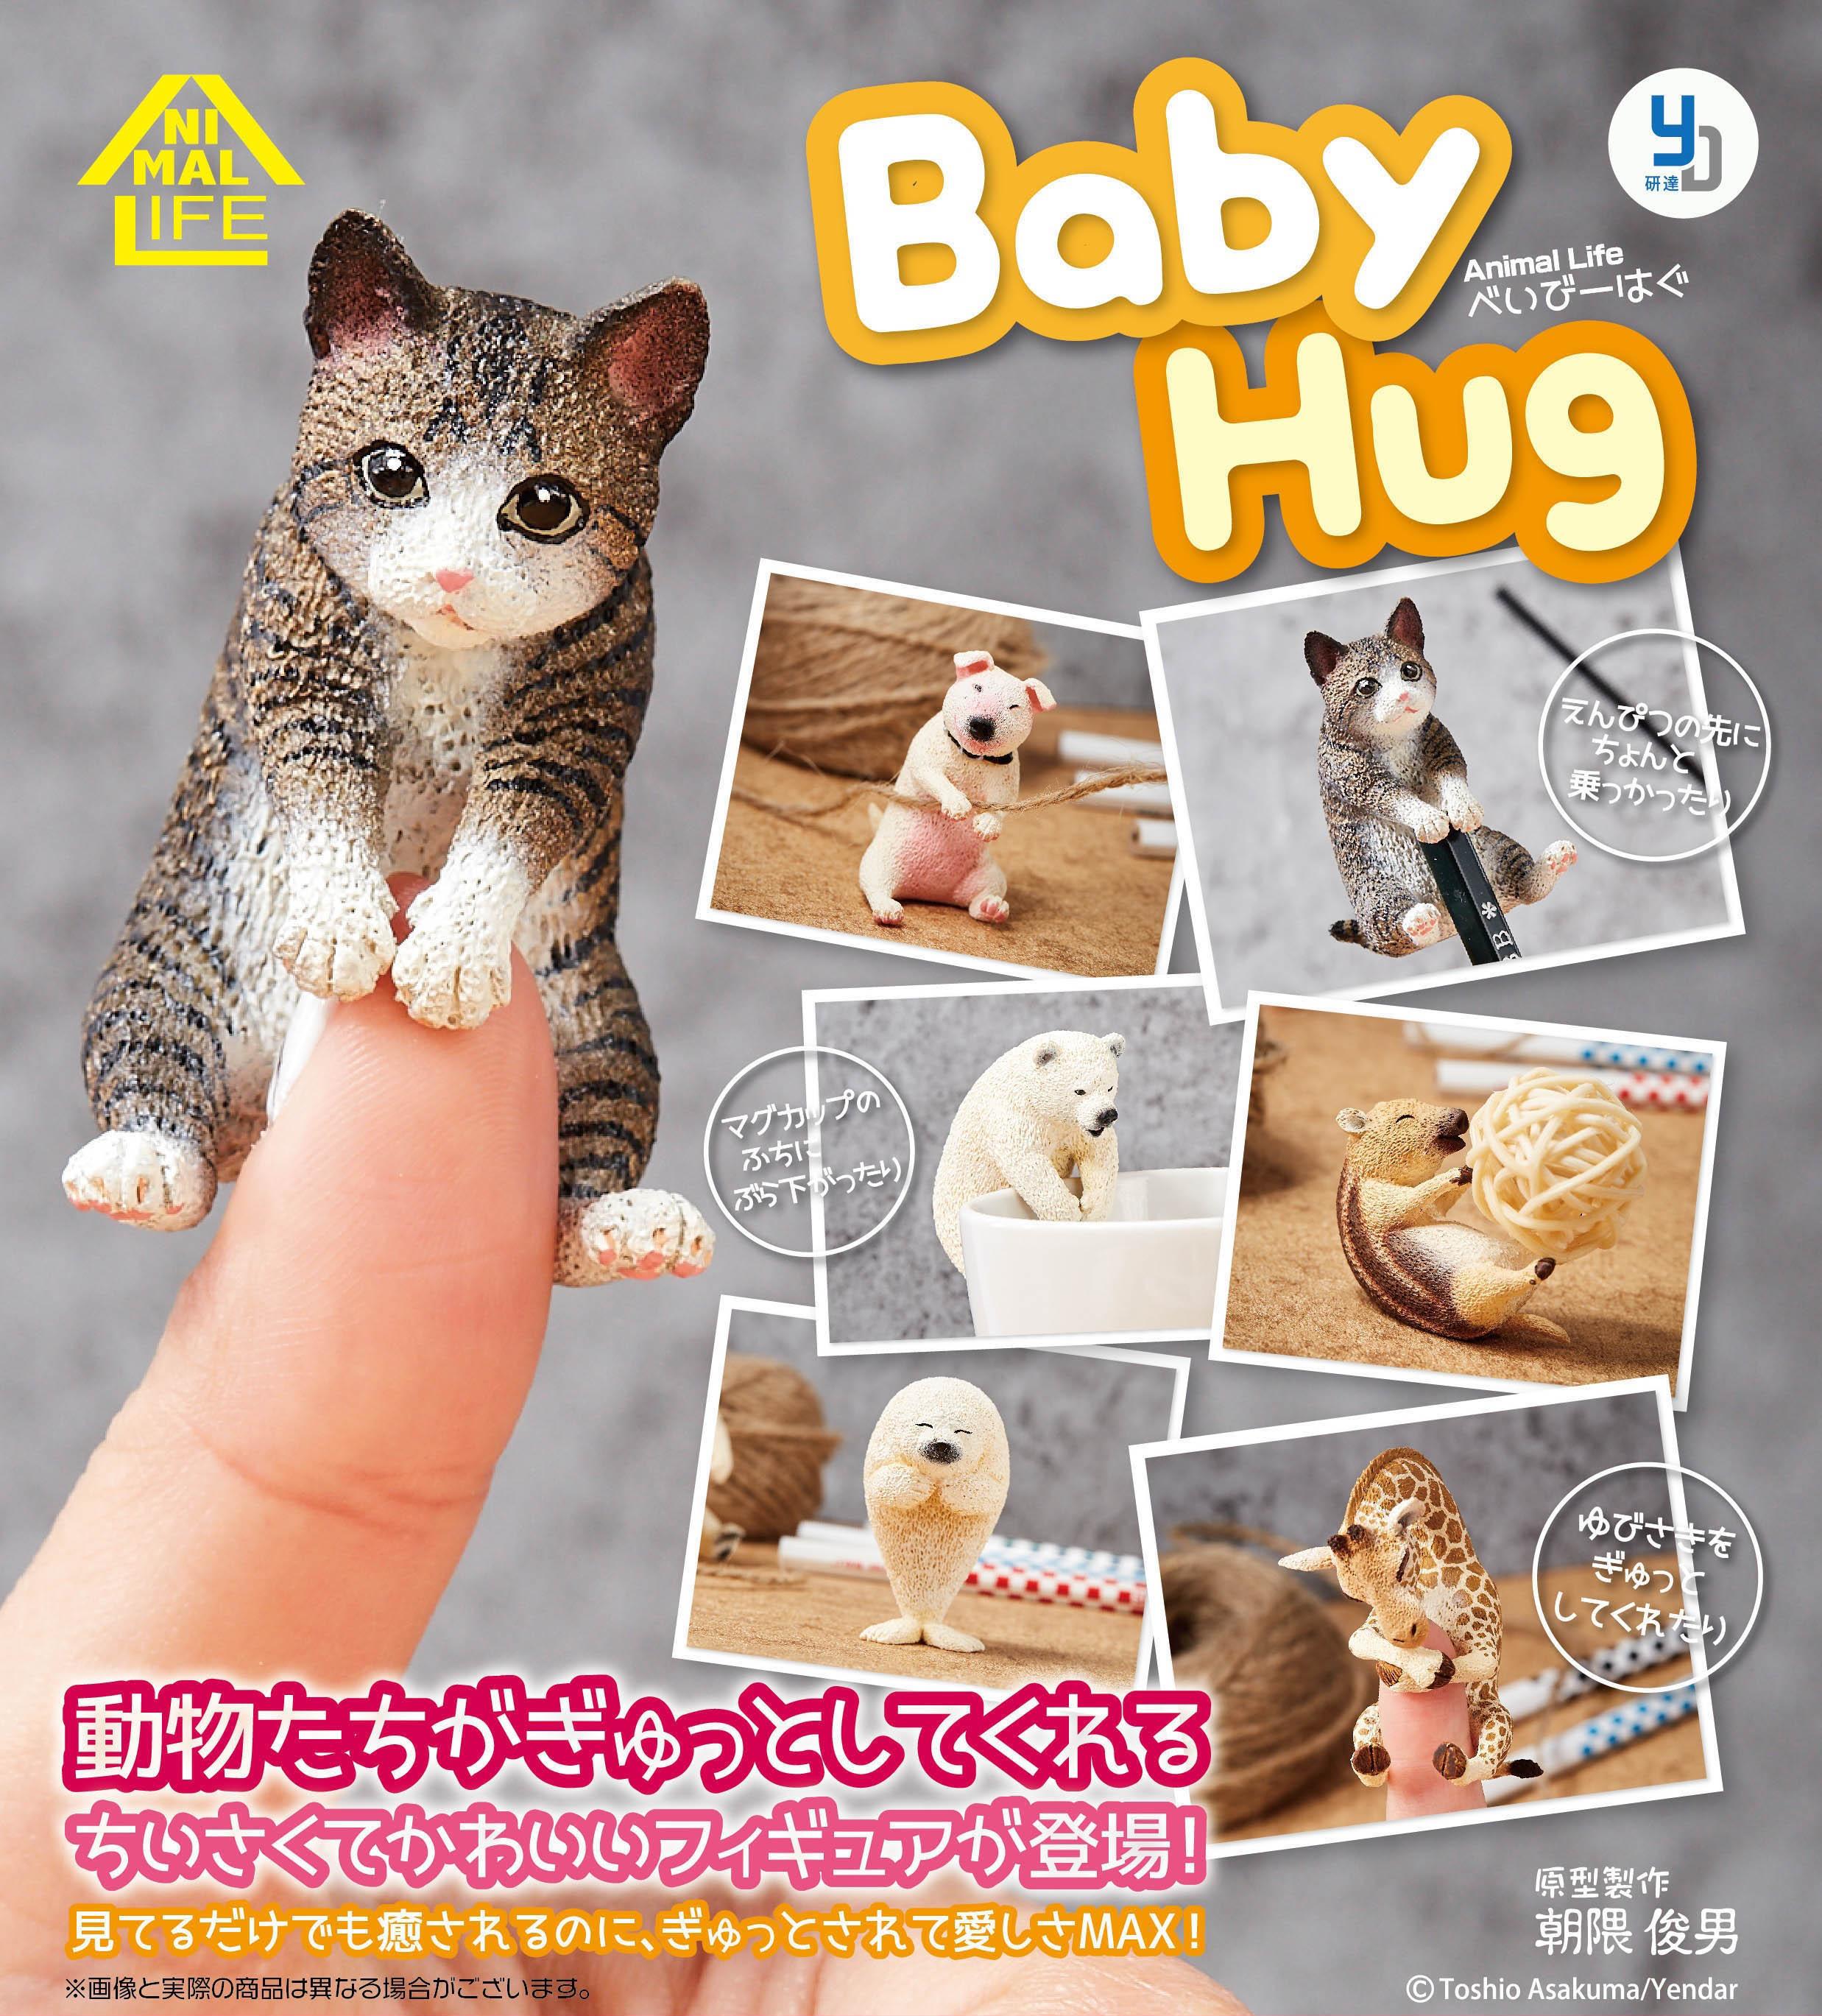 ANIMAL LIFE - Baby Hug 8Pack BOX(Pre-order)